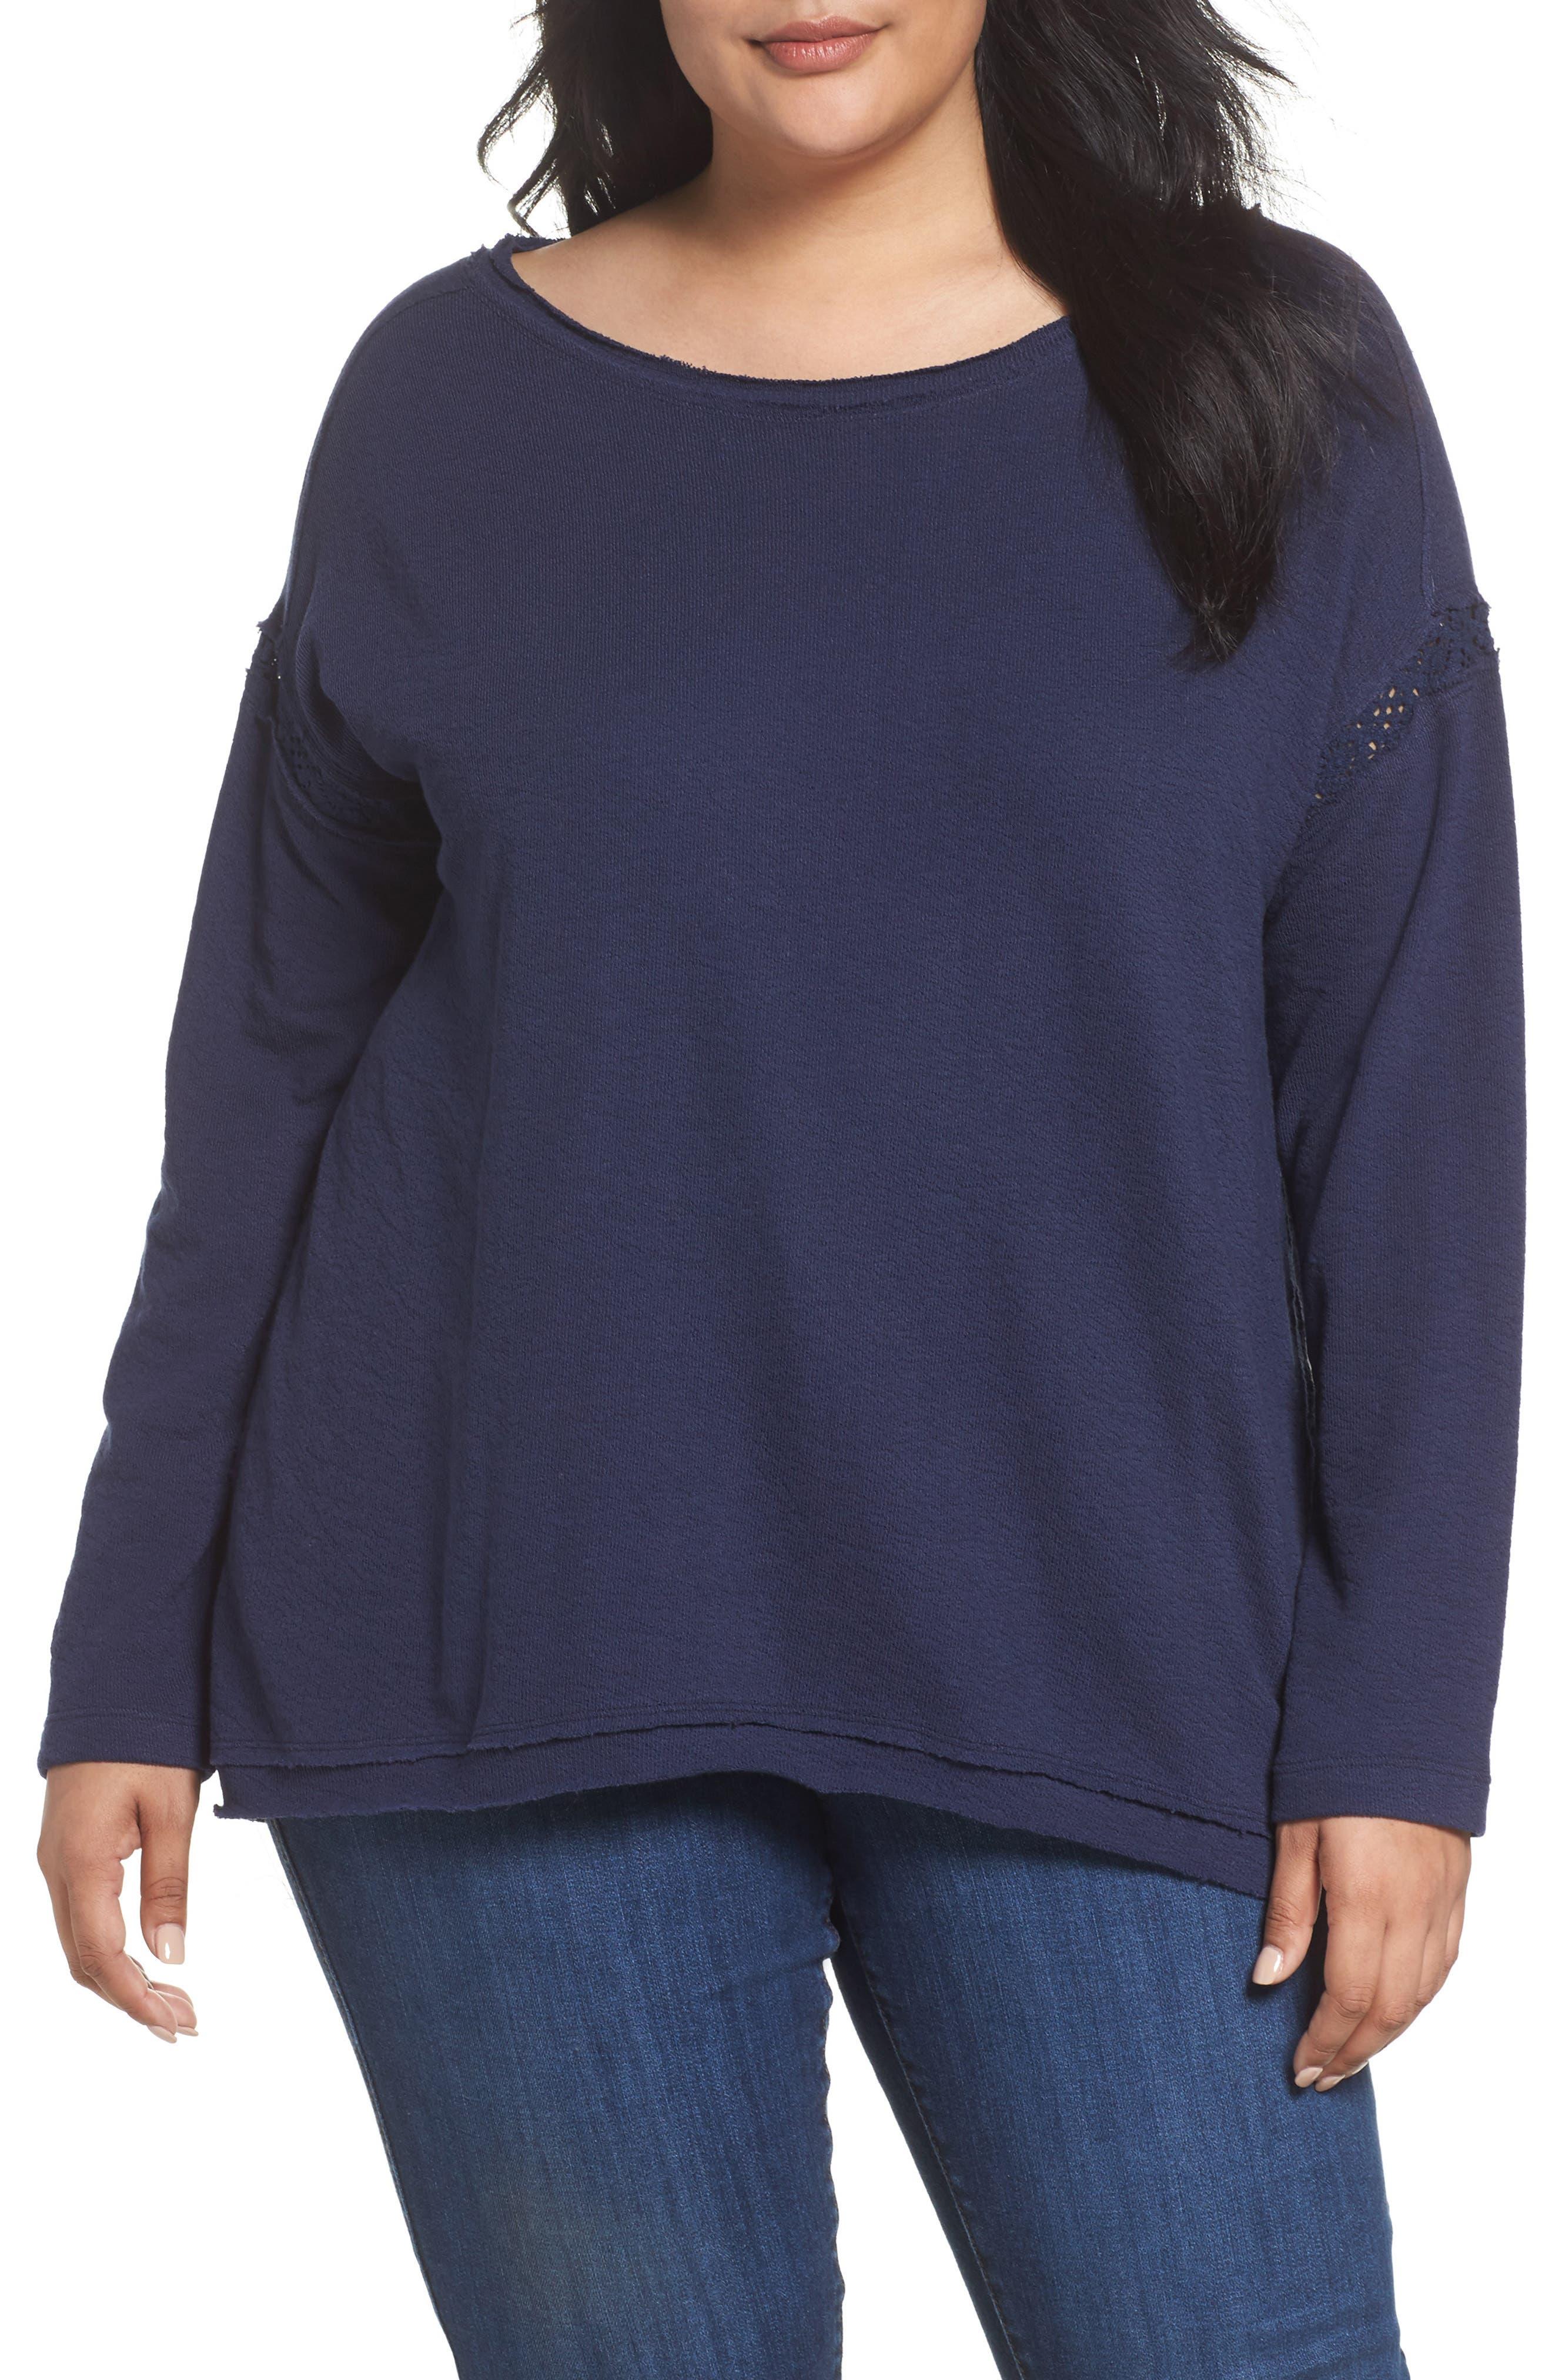 Alternate Image 1 Selected - Caslon Lace Trim Sweatshirt (Plus Size)